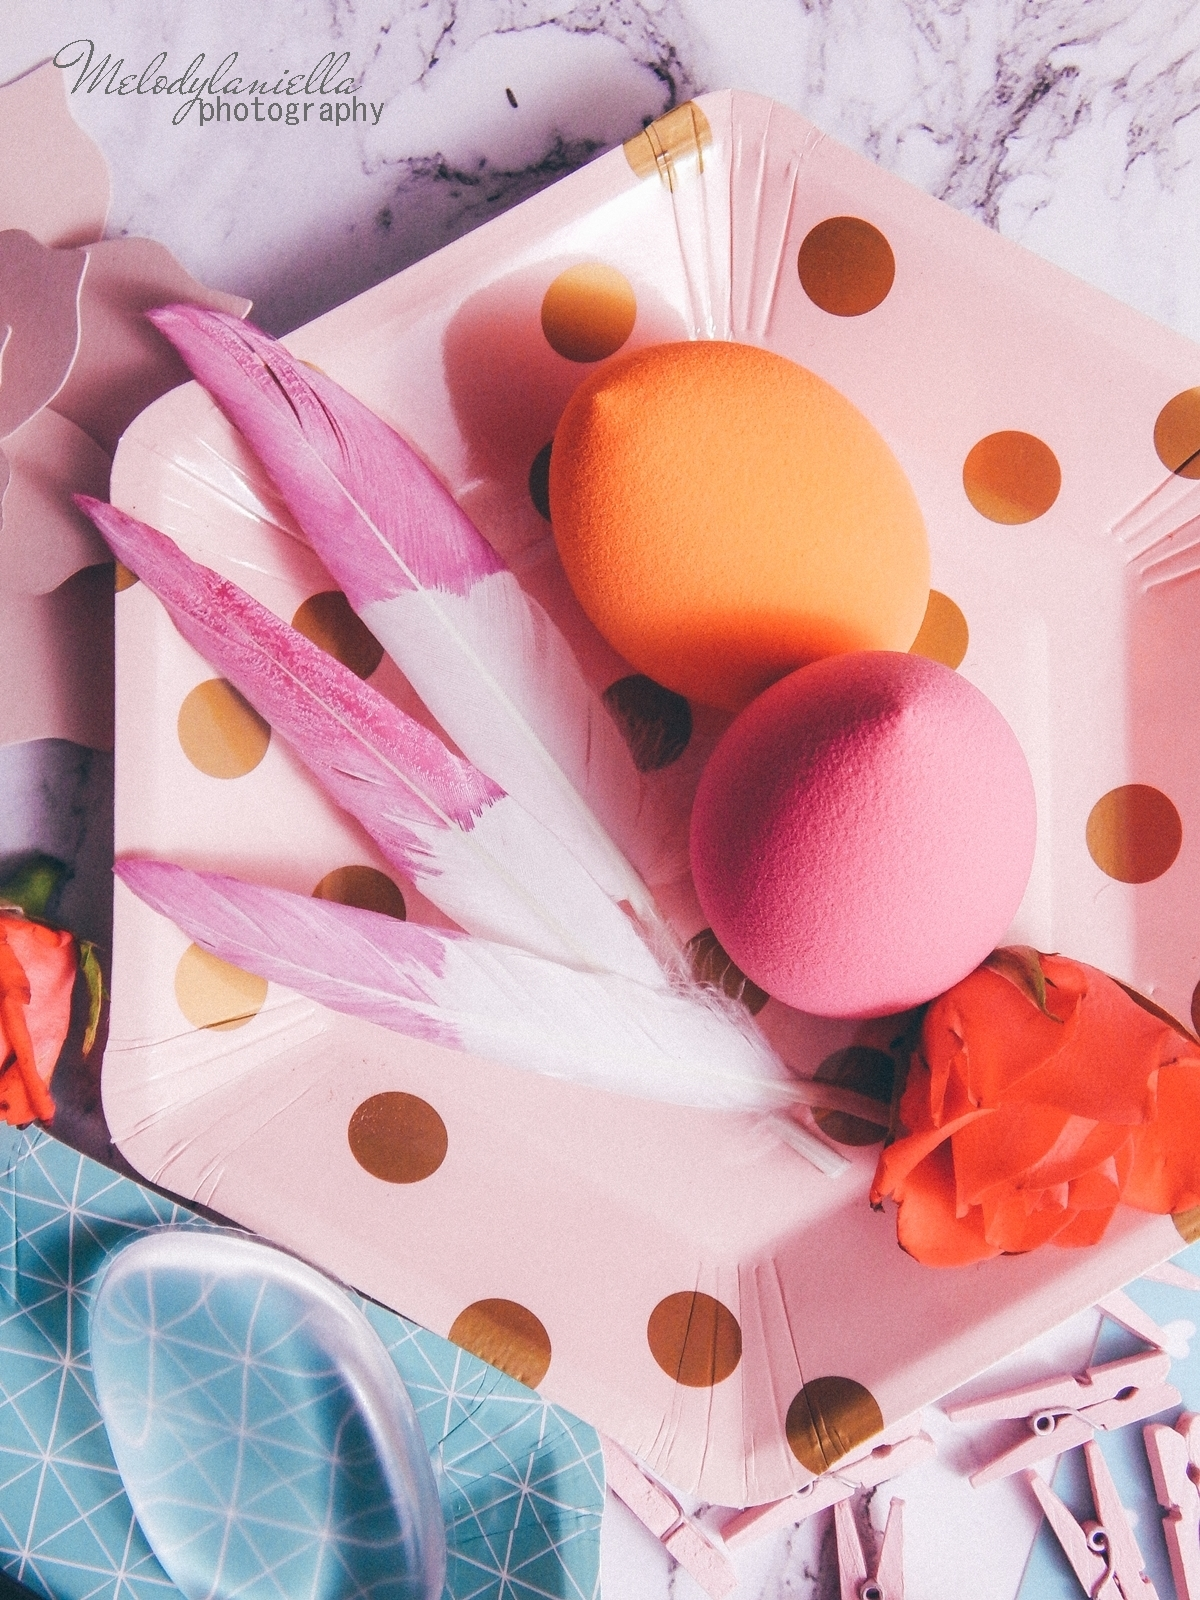 3 clavier gąbka do makijażu blending sponge szczoteczka do aplikacji cieni bazy korektora rozświetlacza bronzera silikonowa gąbeczka do makijażu czym się malować akcesoria kosmetyczne pędzle do makijażu gąbki